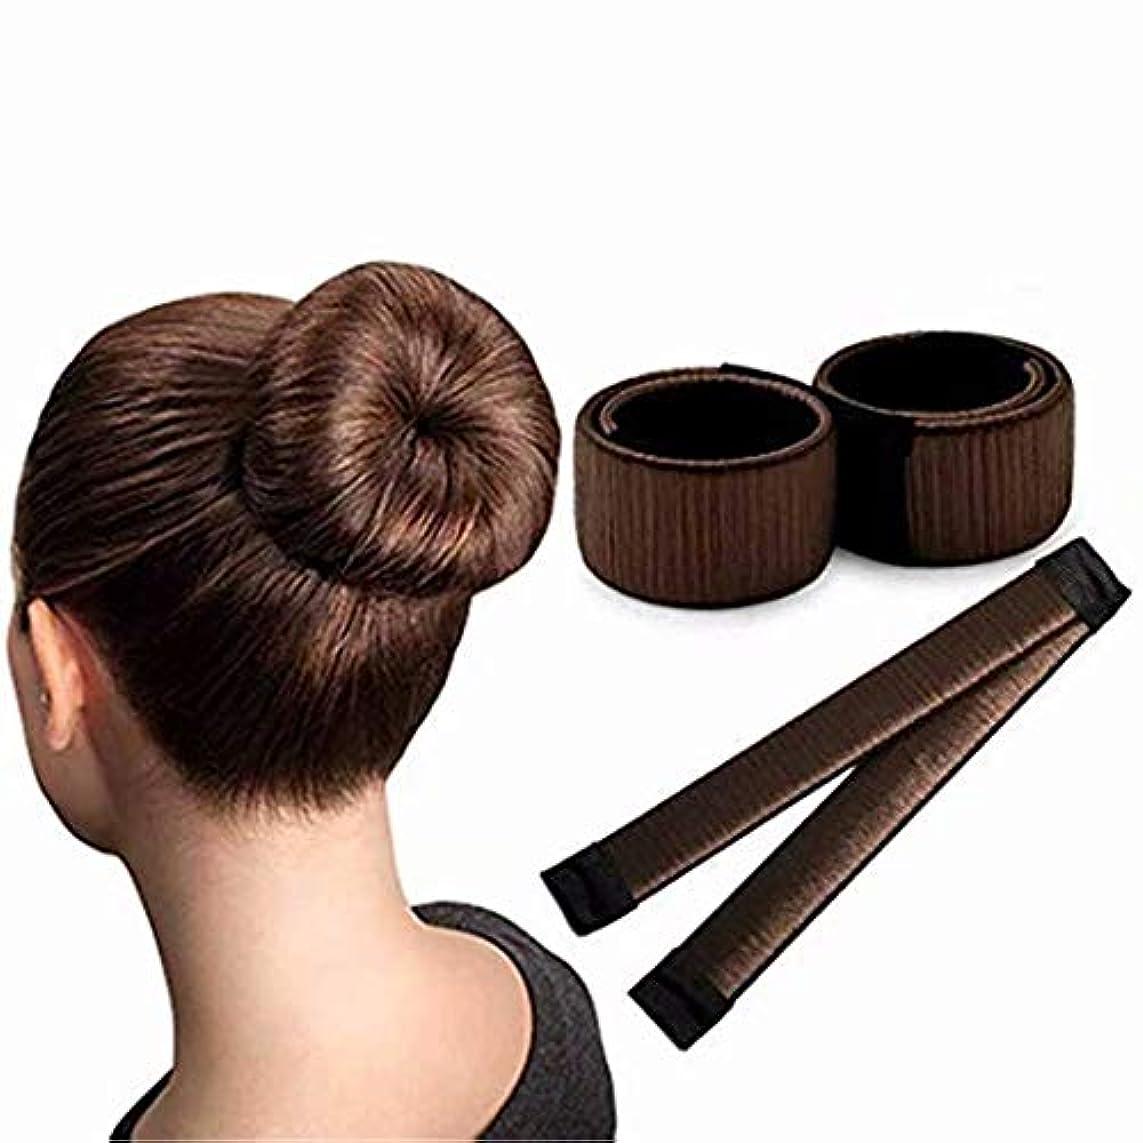 正当な寄付耐える七里の香 ボールヘッド ドーナツヘアメーカー ローラーヘアスタイルツール